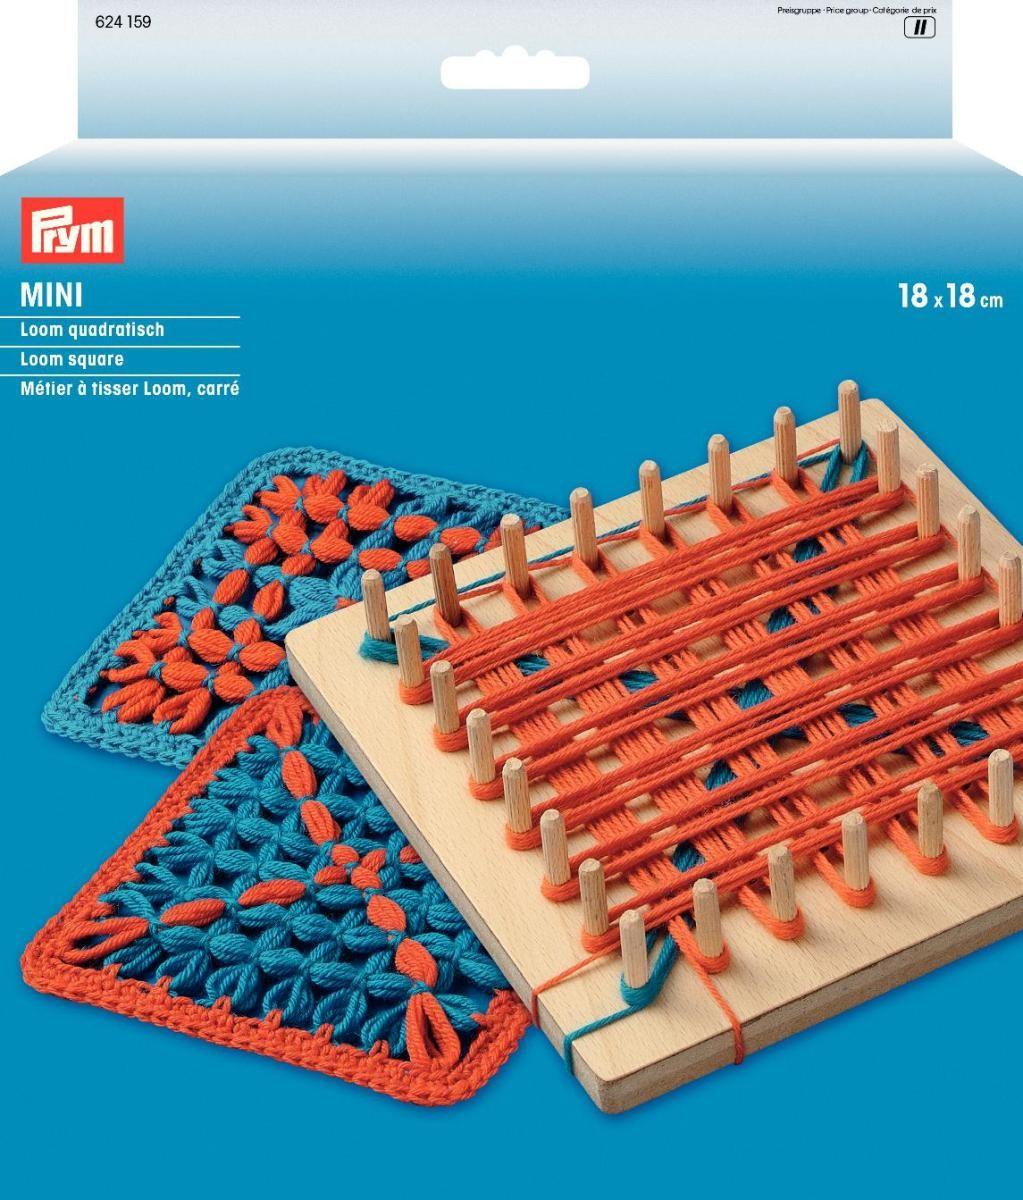 Набор для плетения на колышках Prym Loom Mini, для квадратов